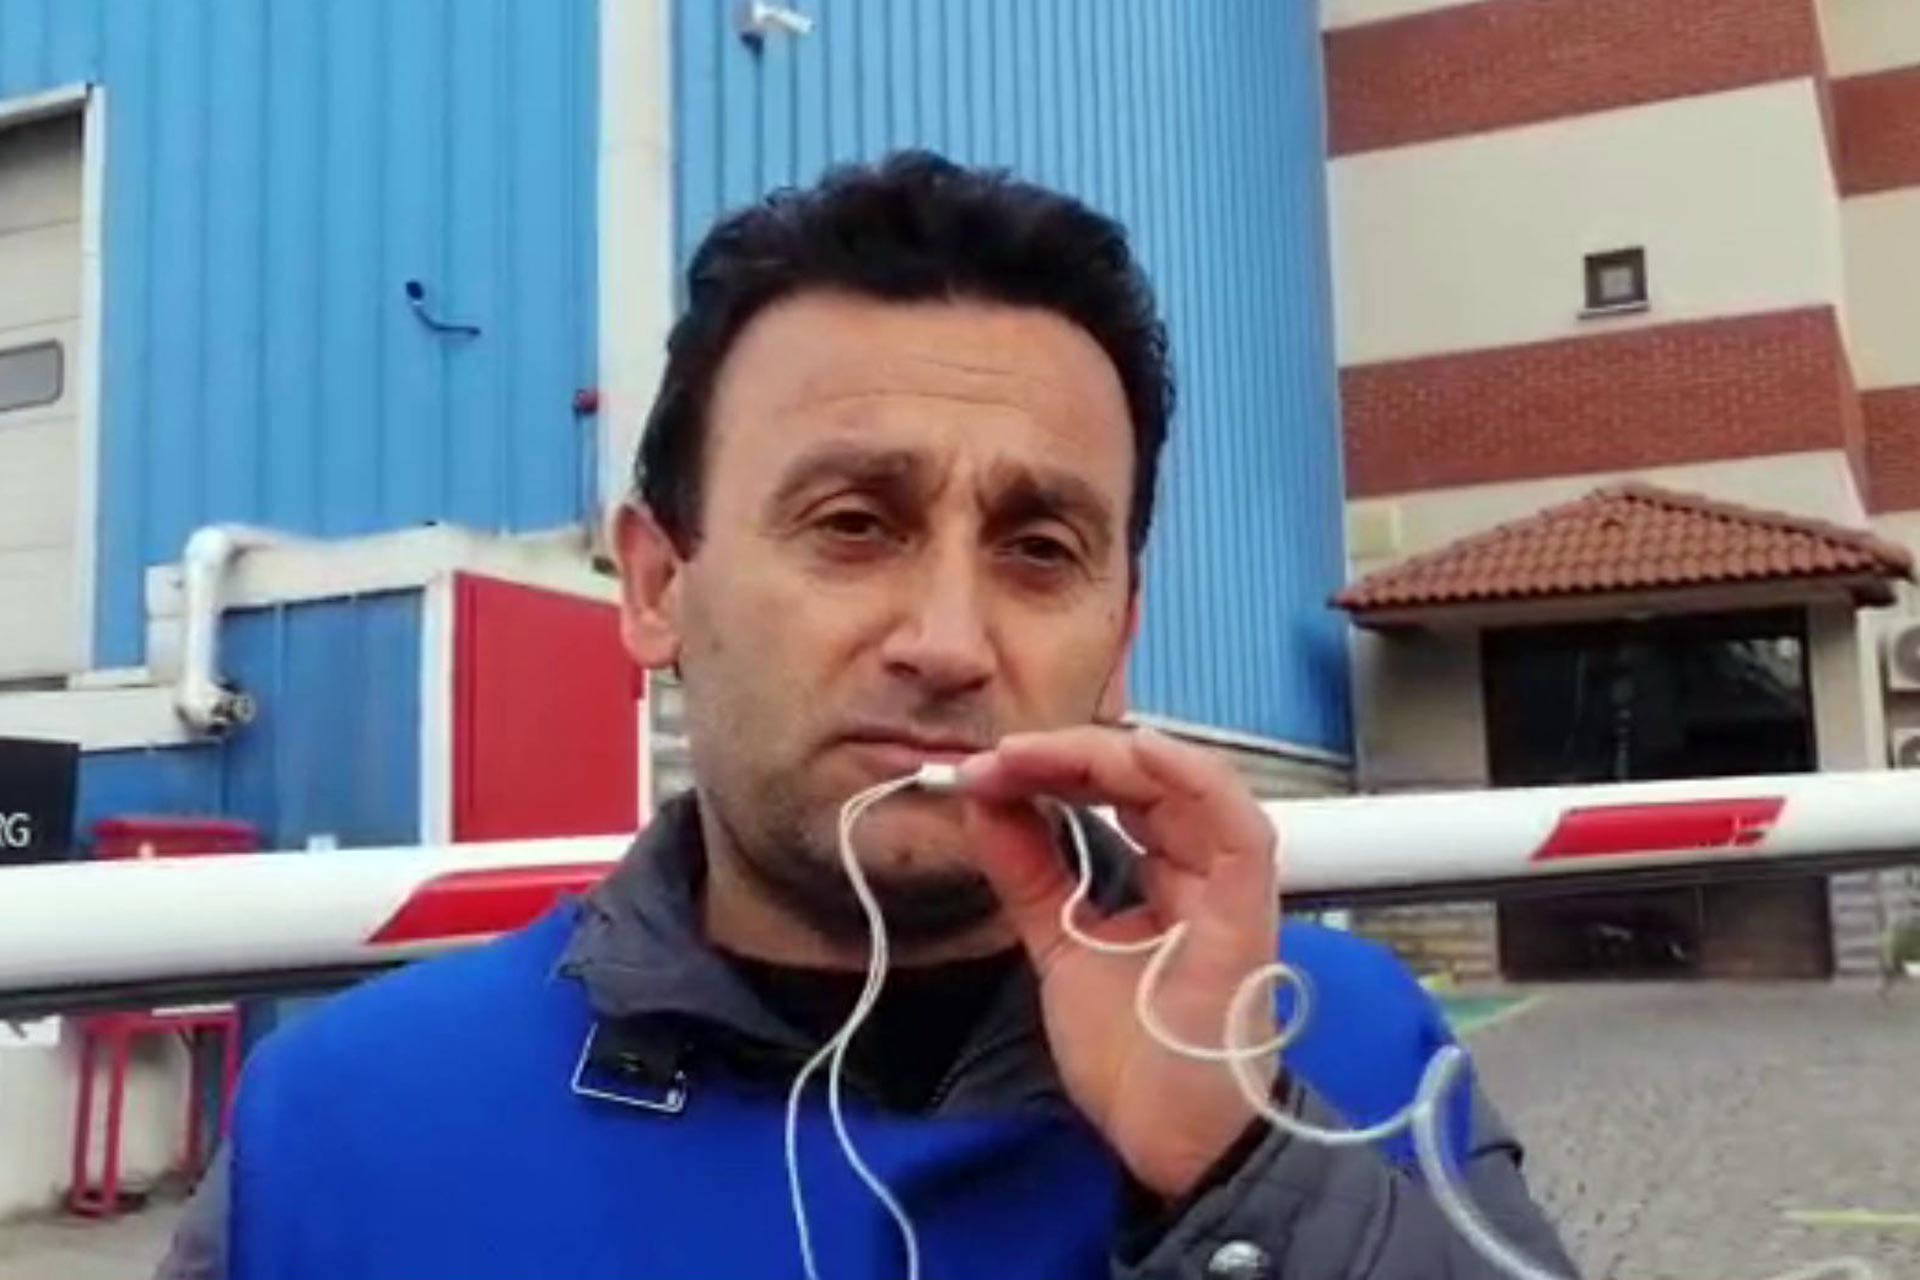 Grevdeki Trelleborg işçisi Nural Çakmak